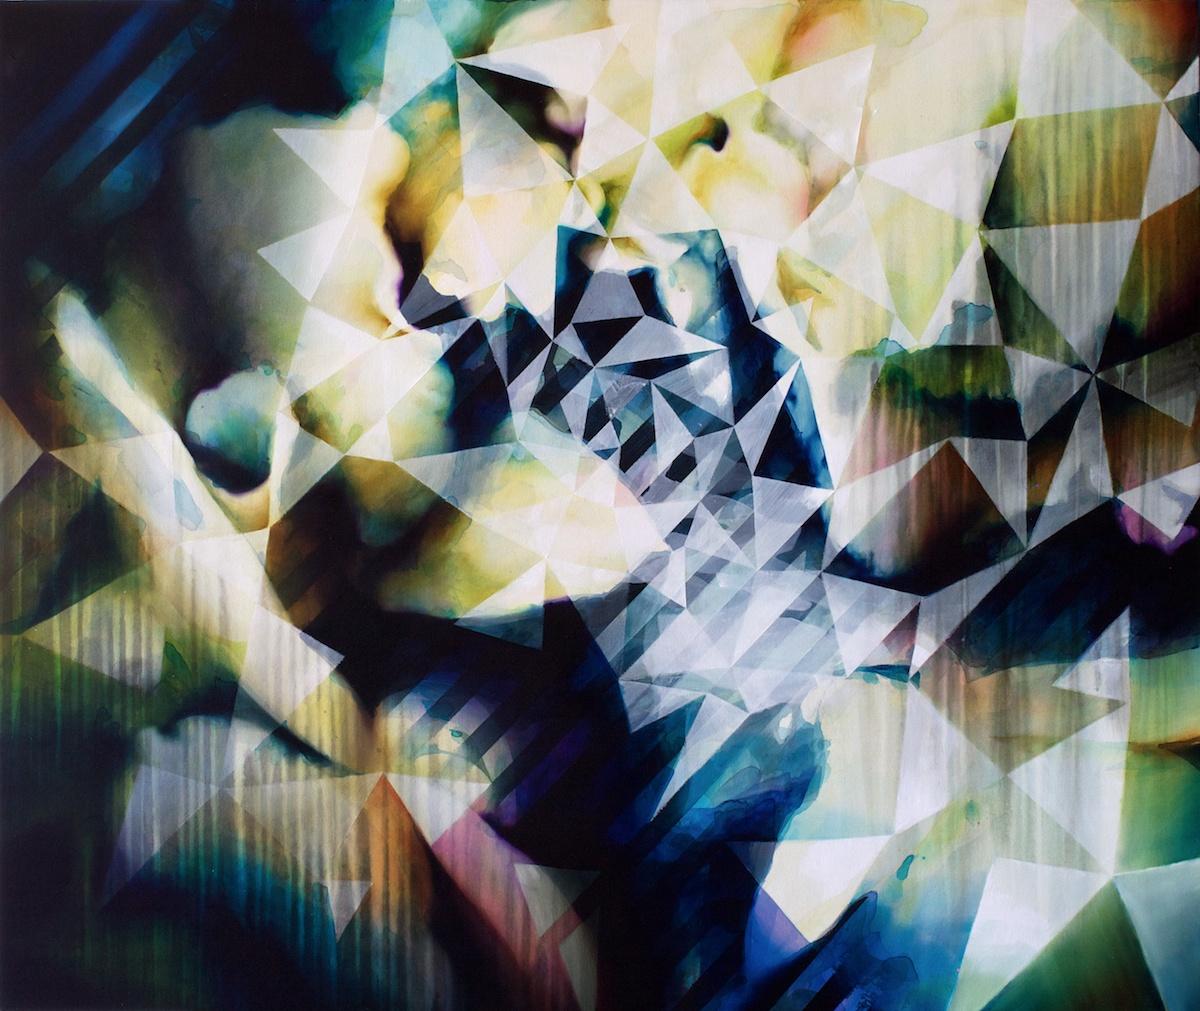 Rumore bianco (fioritura), acrilico acquarello ed olio su tela, cm 100 x 120, 2012